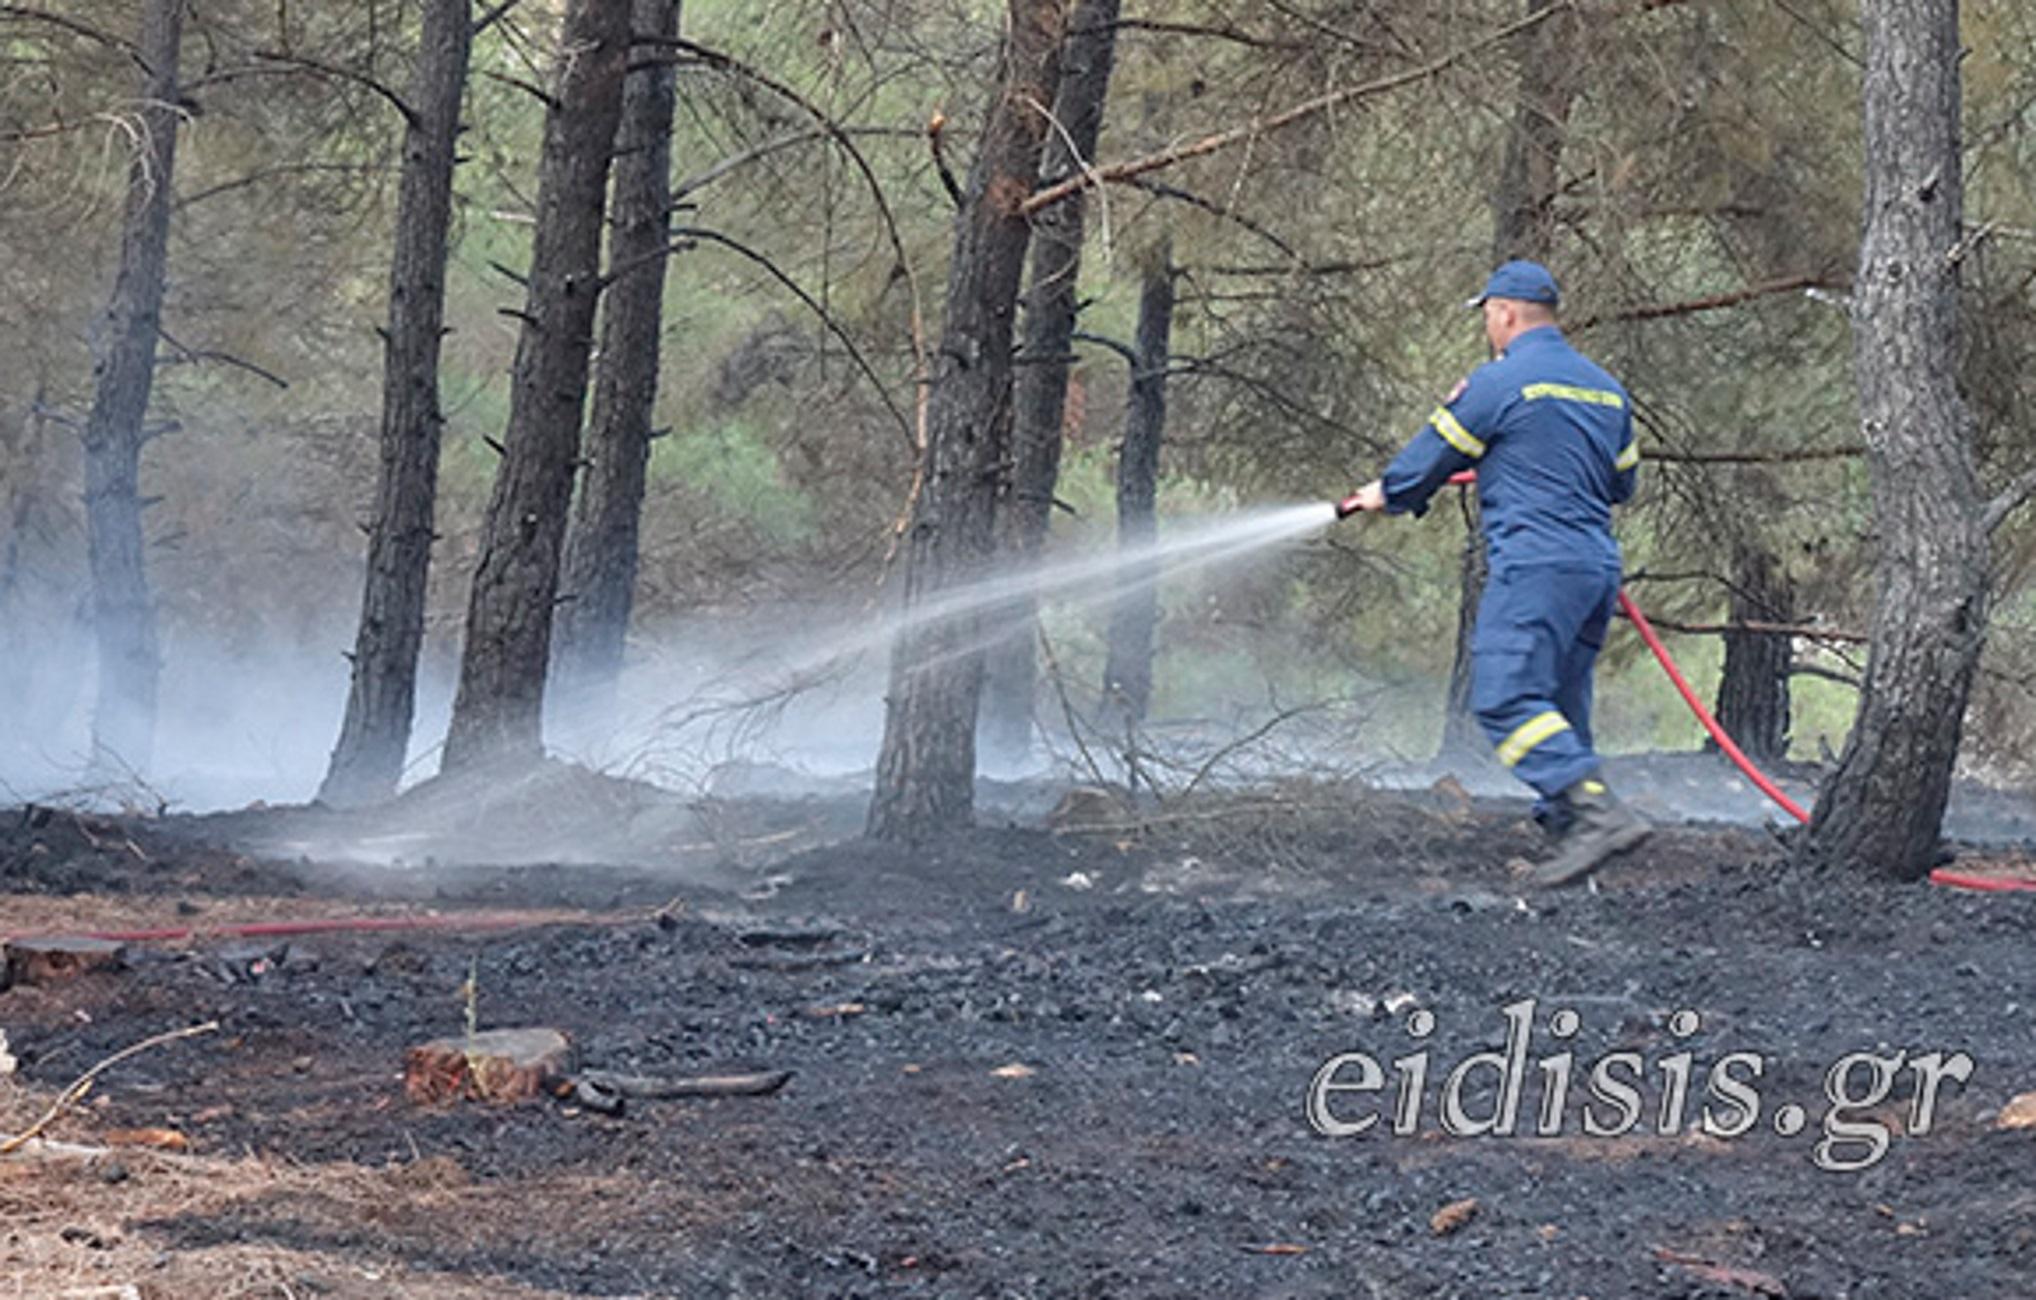 Κιλκίς: Η φωτιά και ο περιπατητής που έσωσε τον πευκόφυτο λόφο από την πλήρη καταστροφή